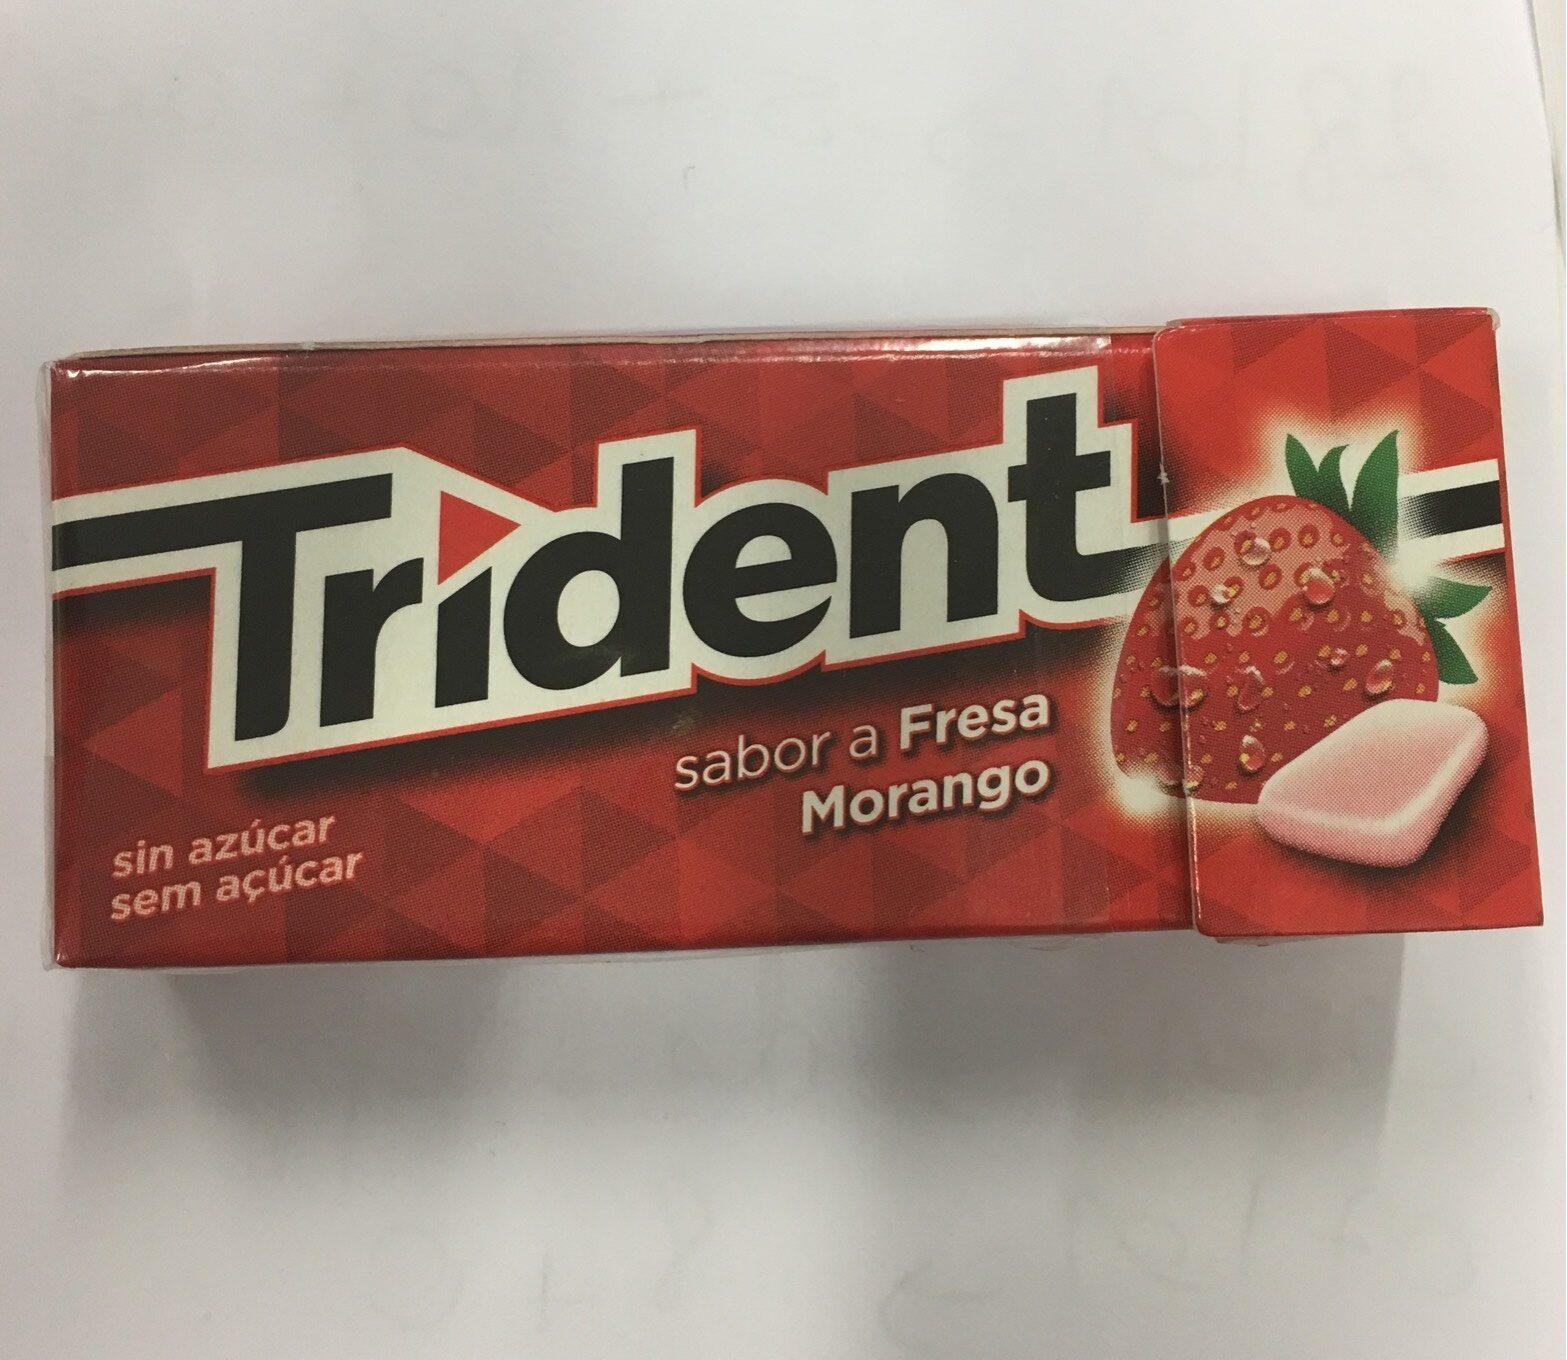 Trident - Fresa - Produit